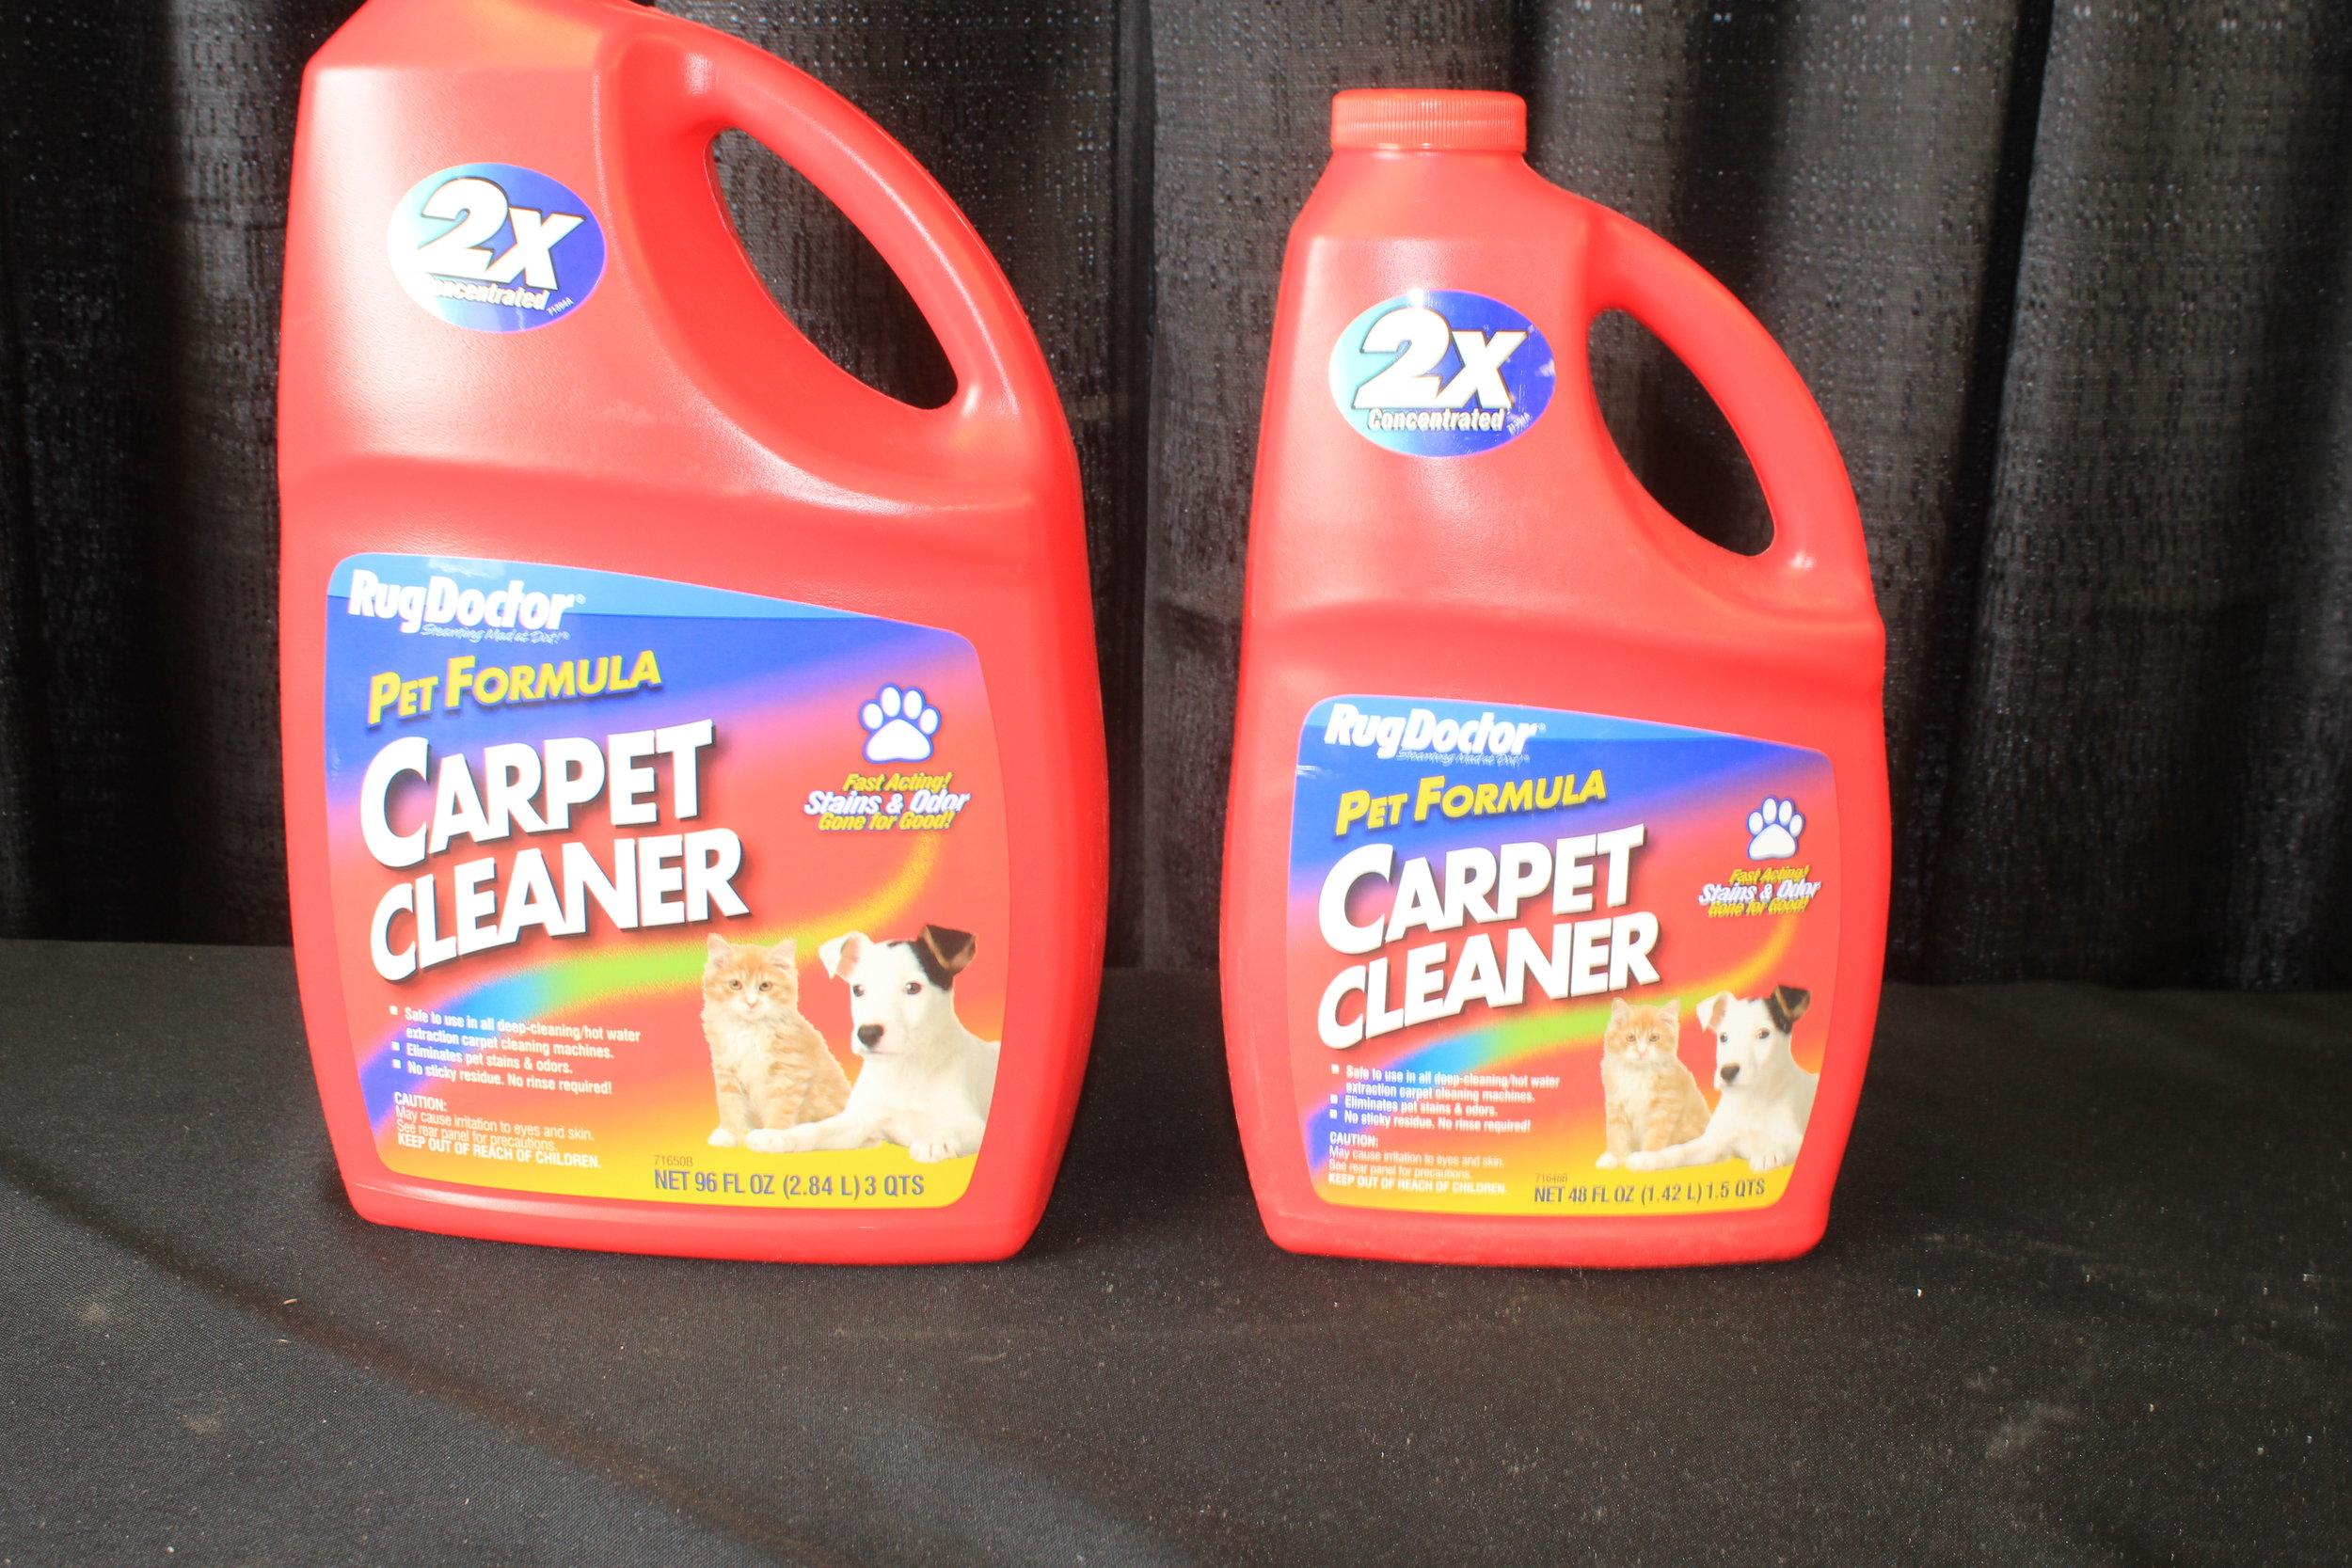 Rug Doctor - Pet Formula Carpet Cleaner